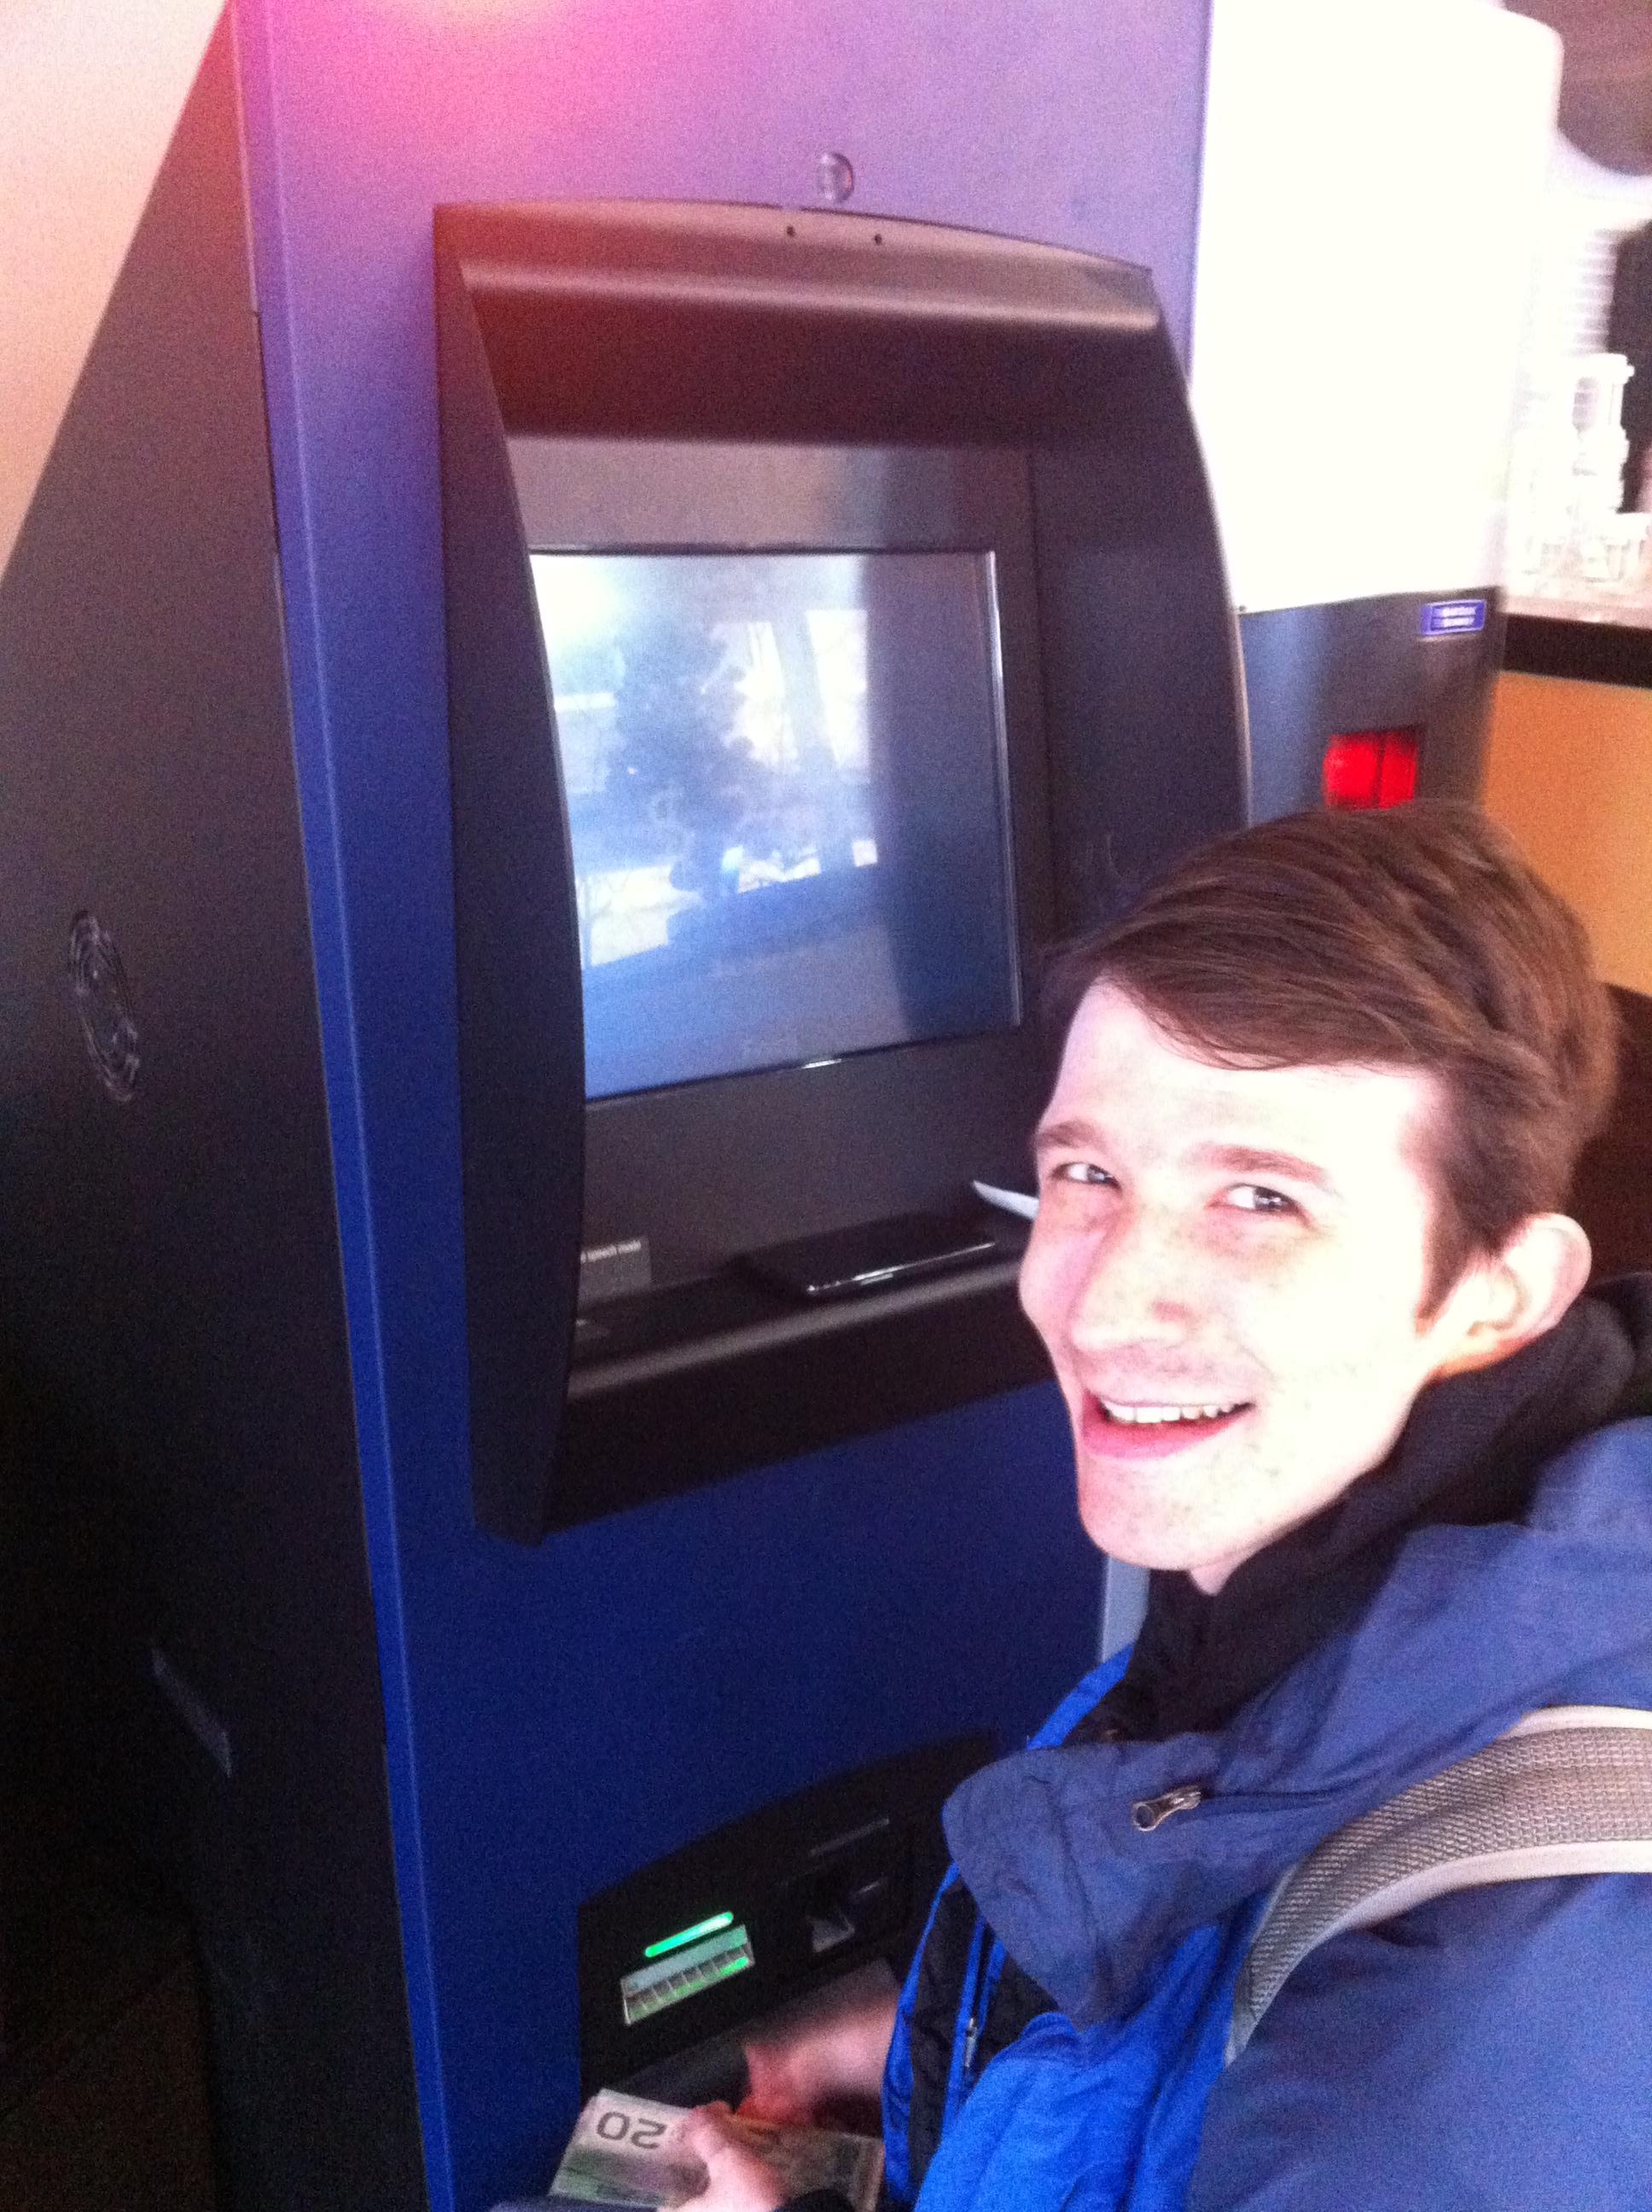 Vancouver bitcoin ATM